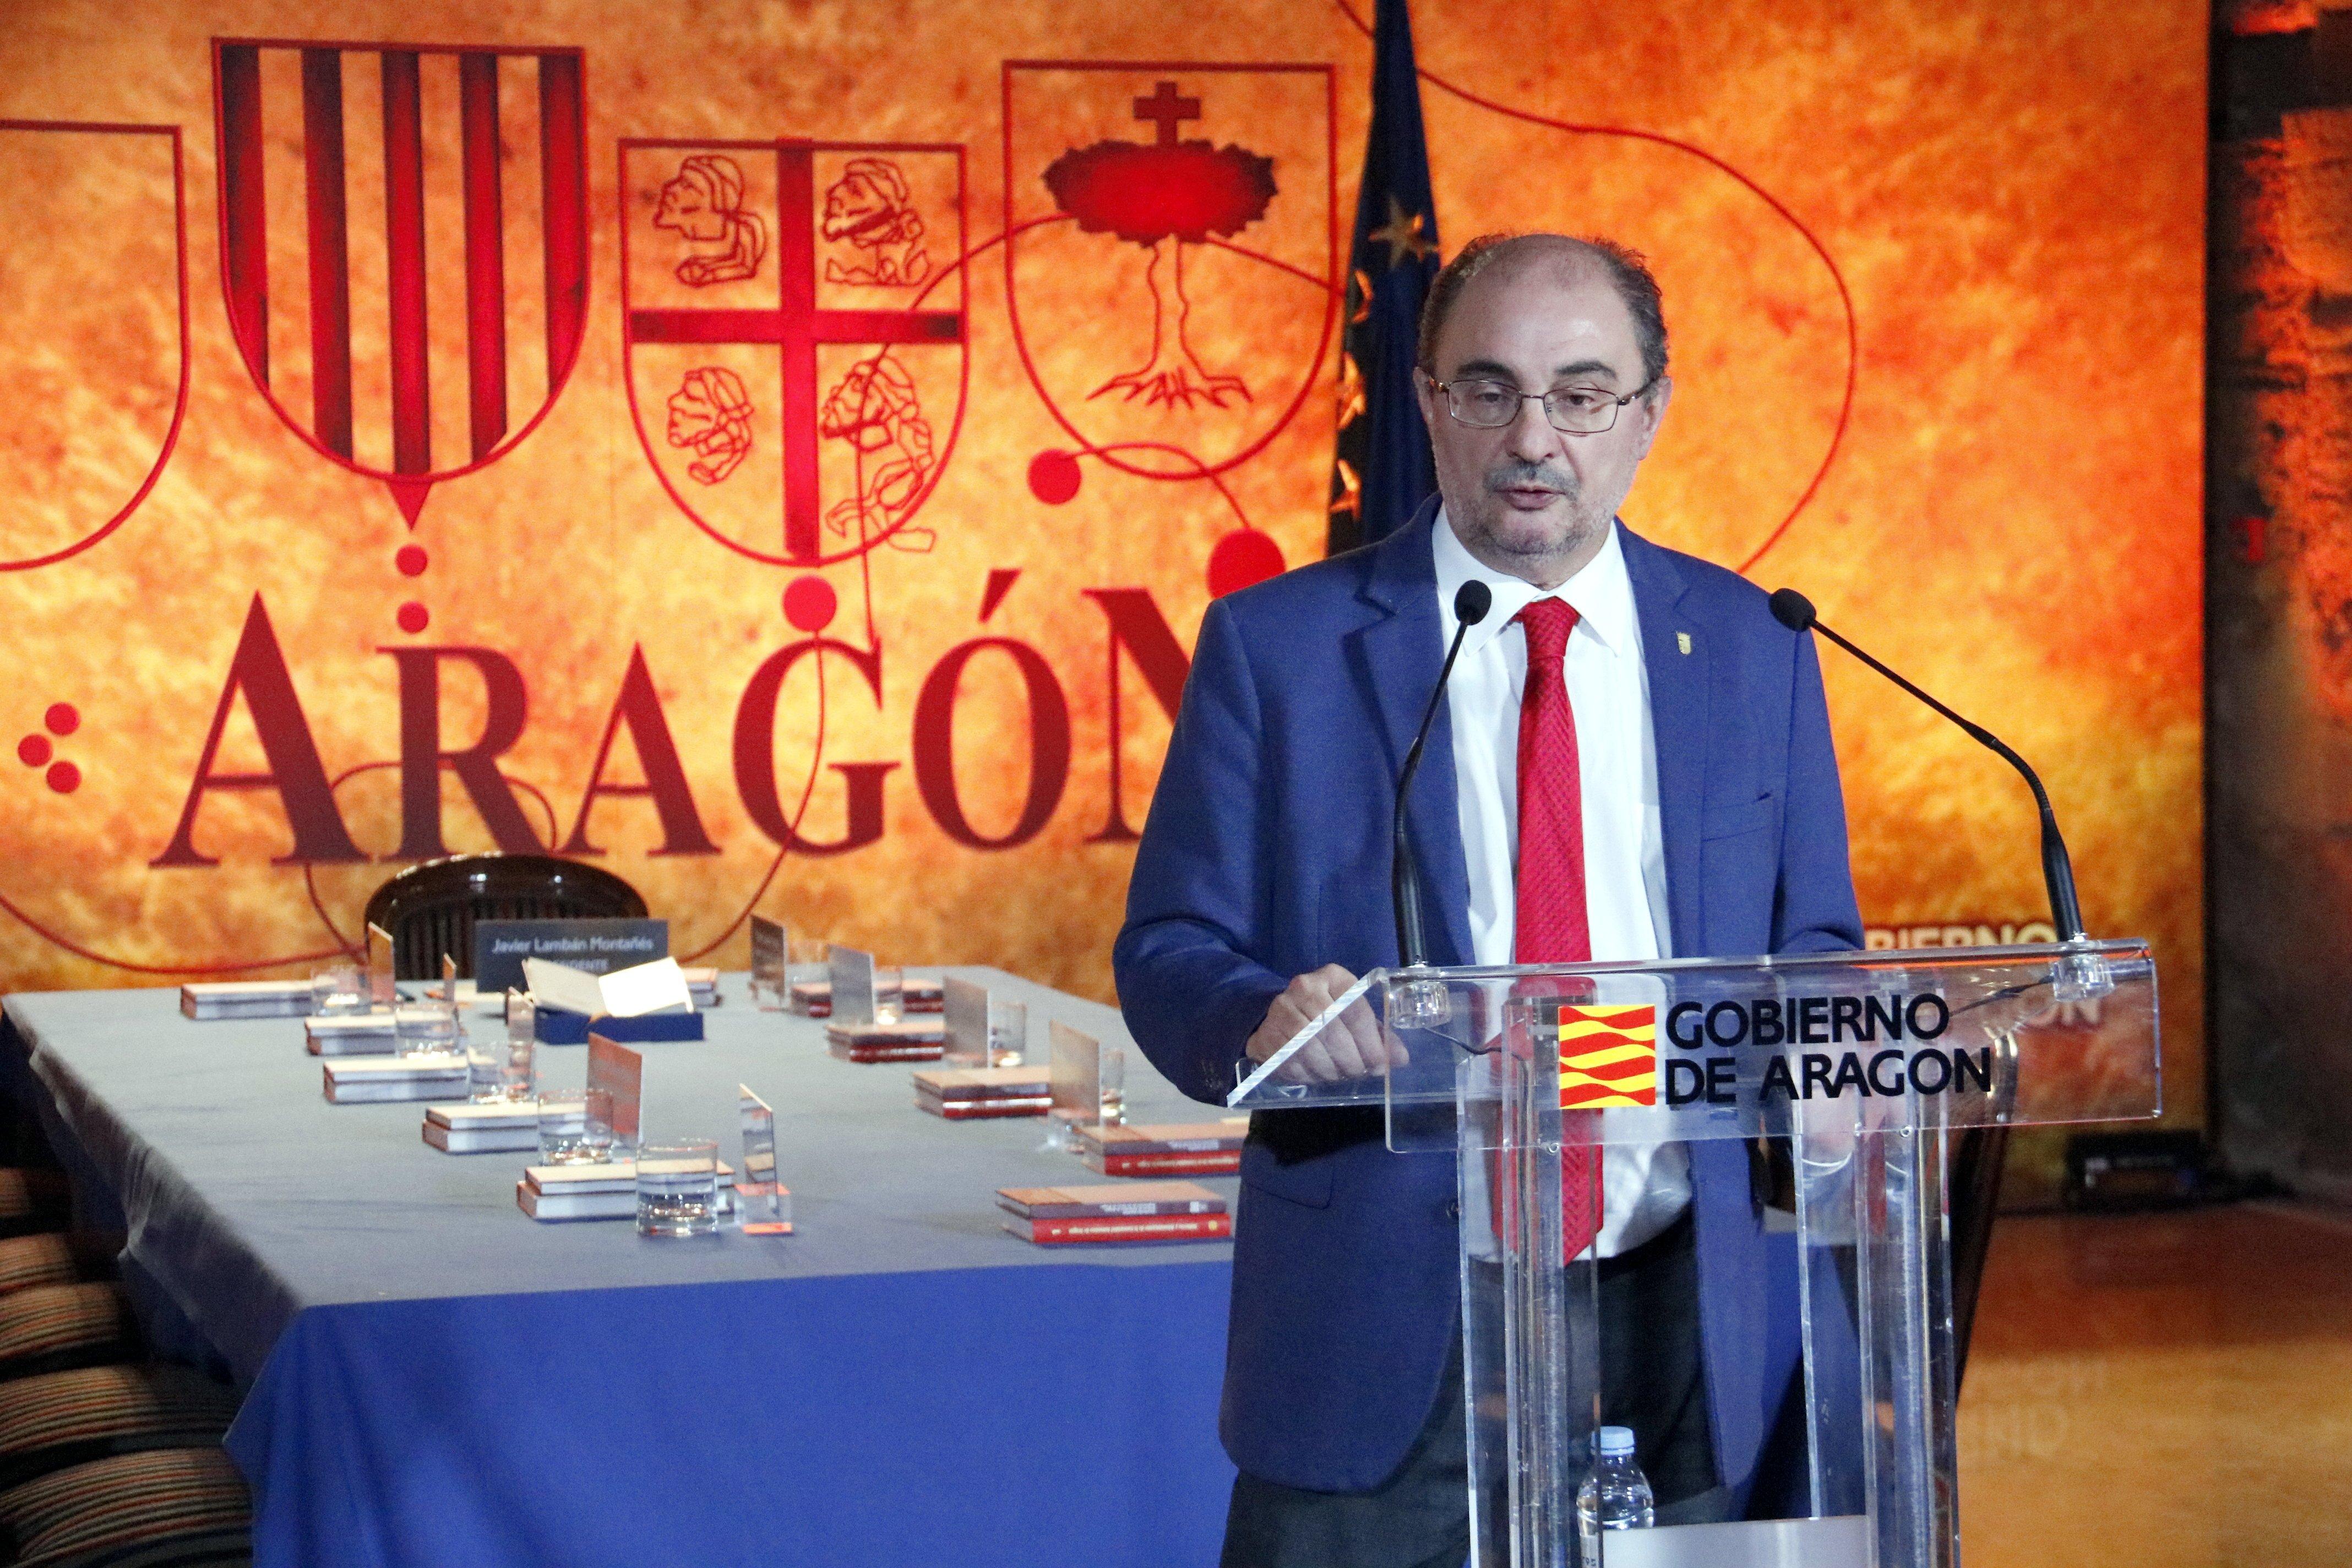 Tuf de catalanofòbia de Lambán, que titlla de 'capos' els membres del Govern